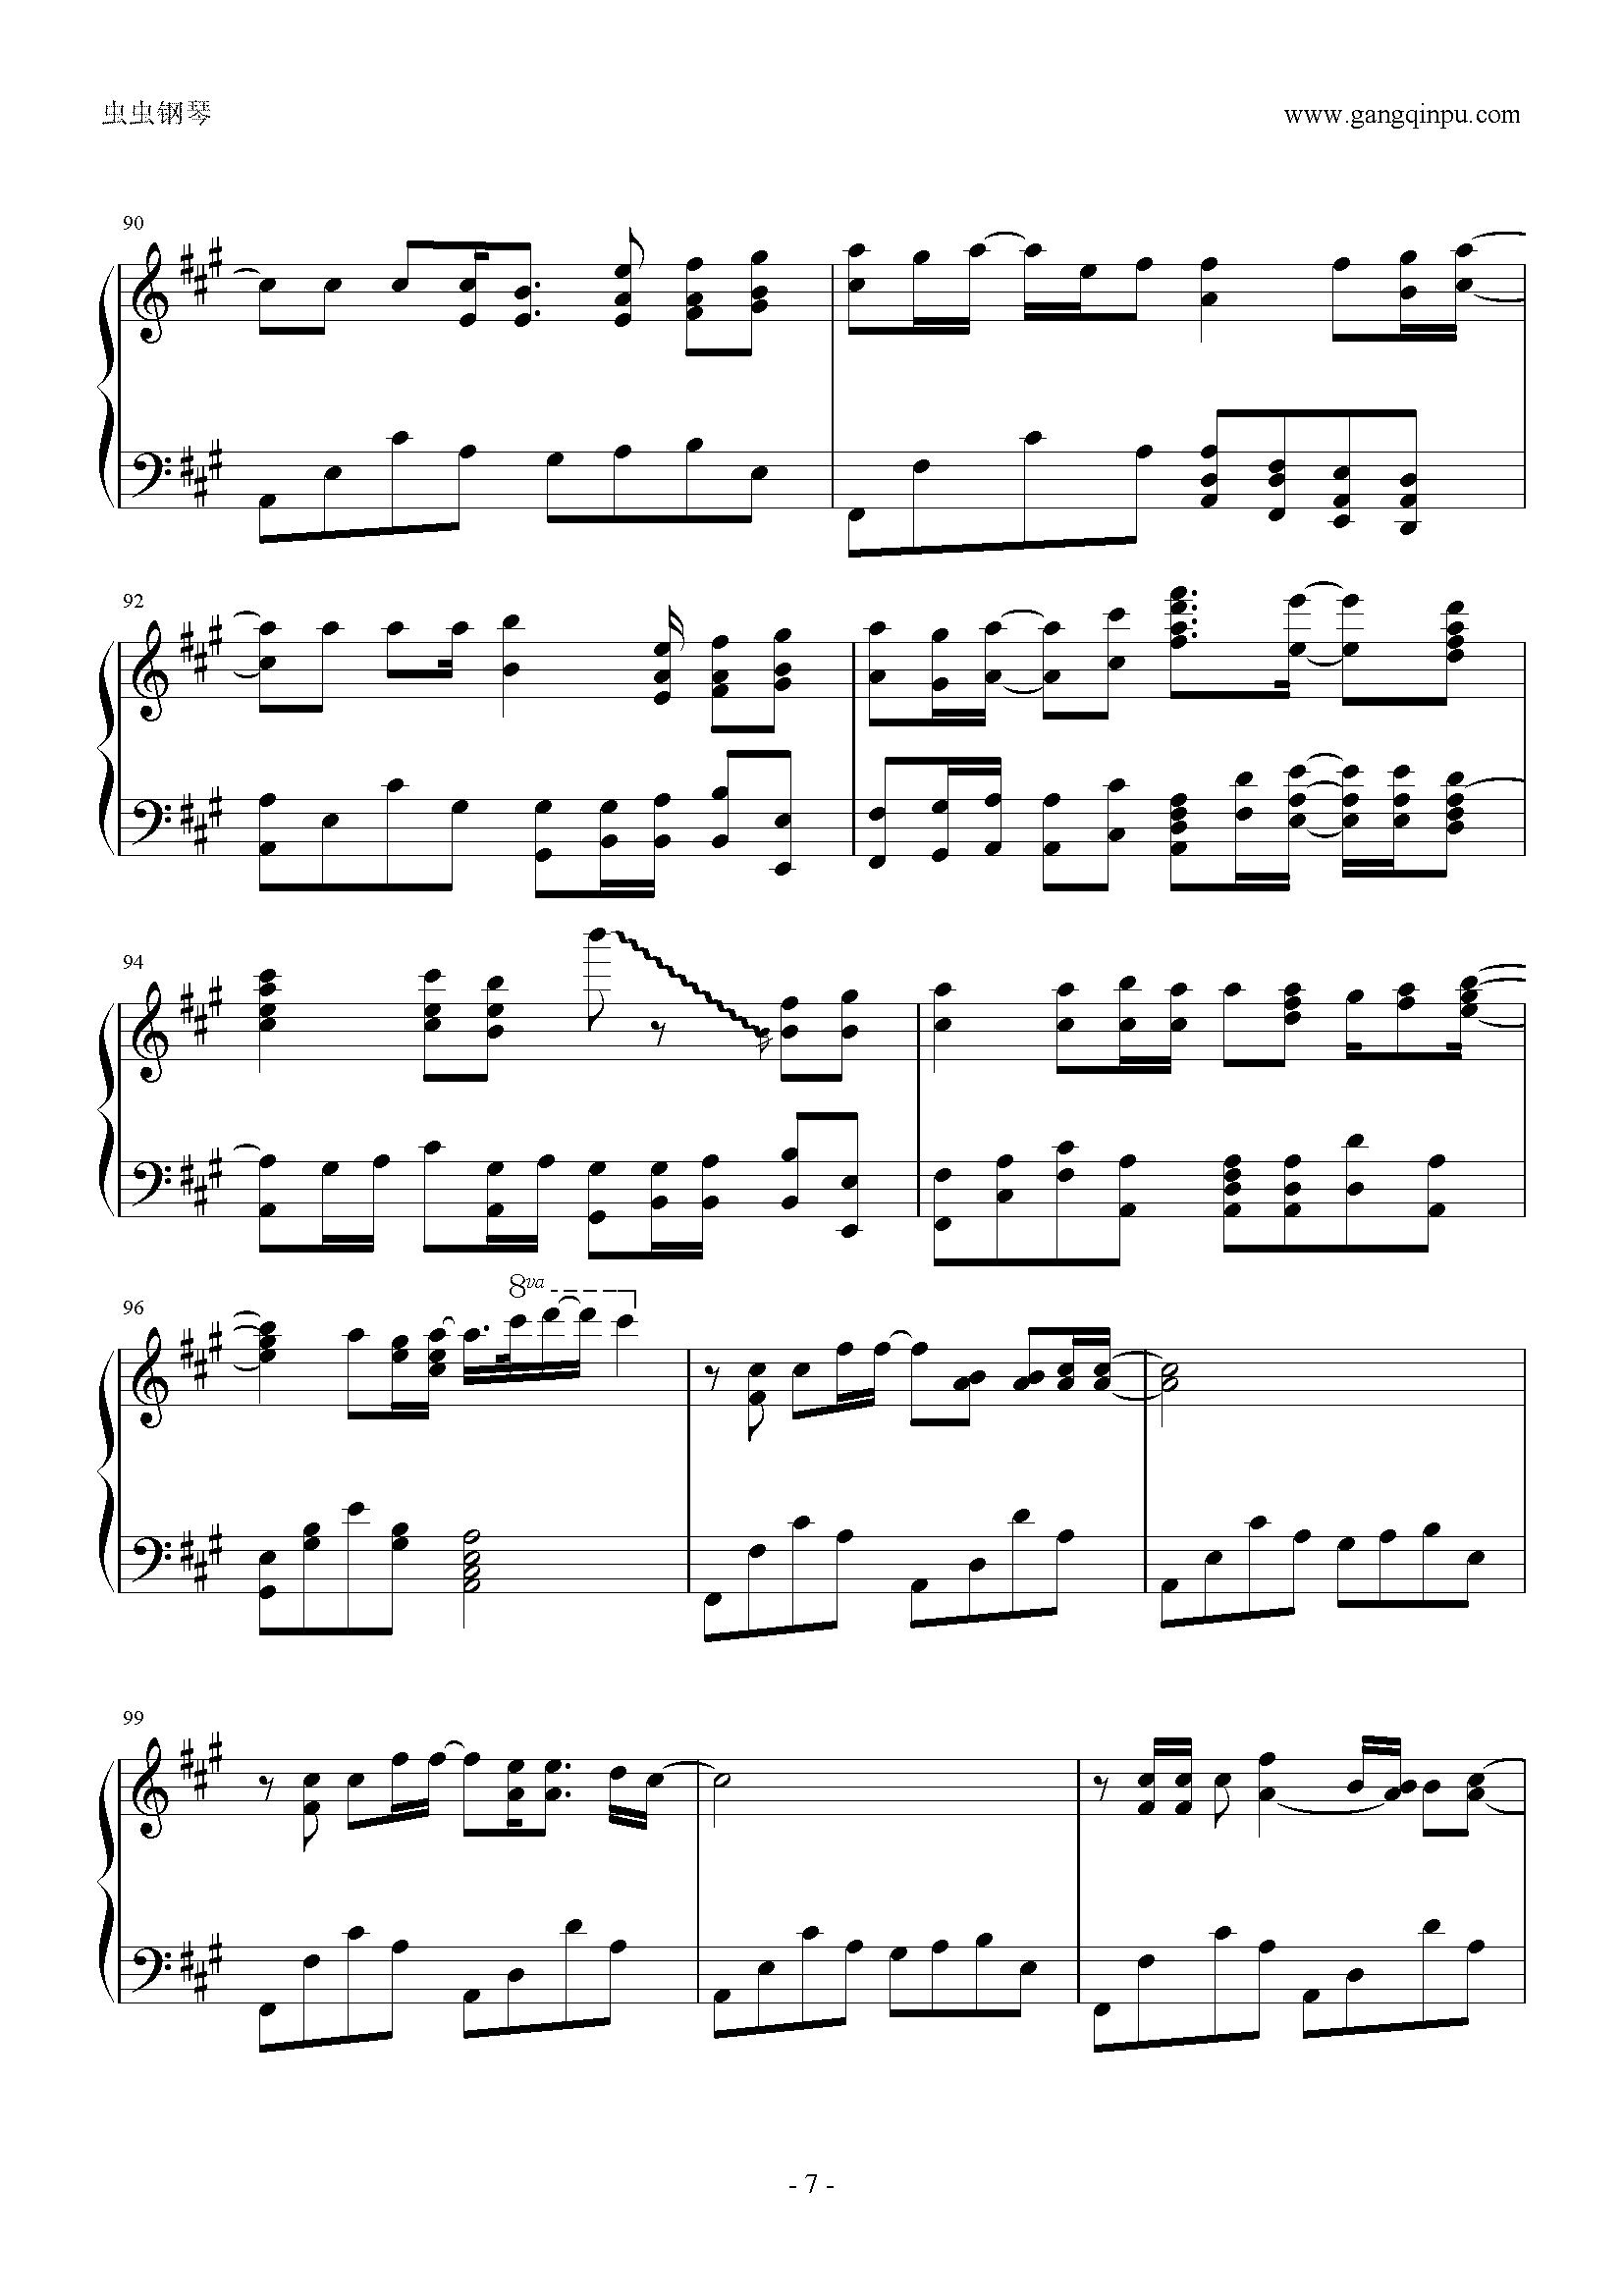 平凡之路钢琴谱 第7页图片